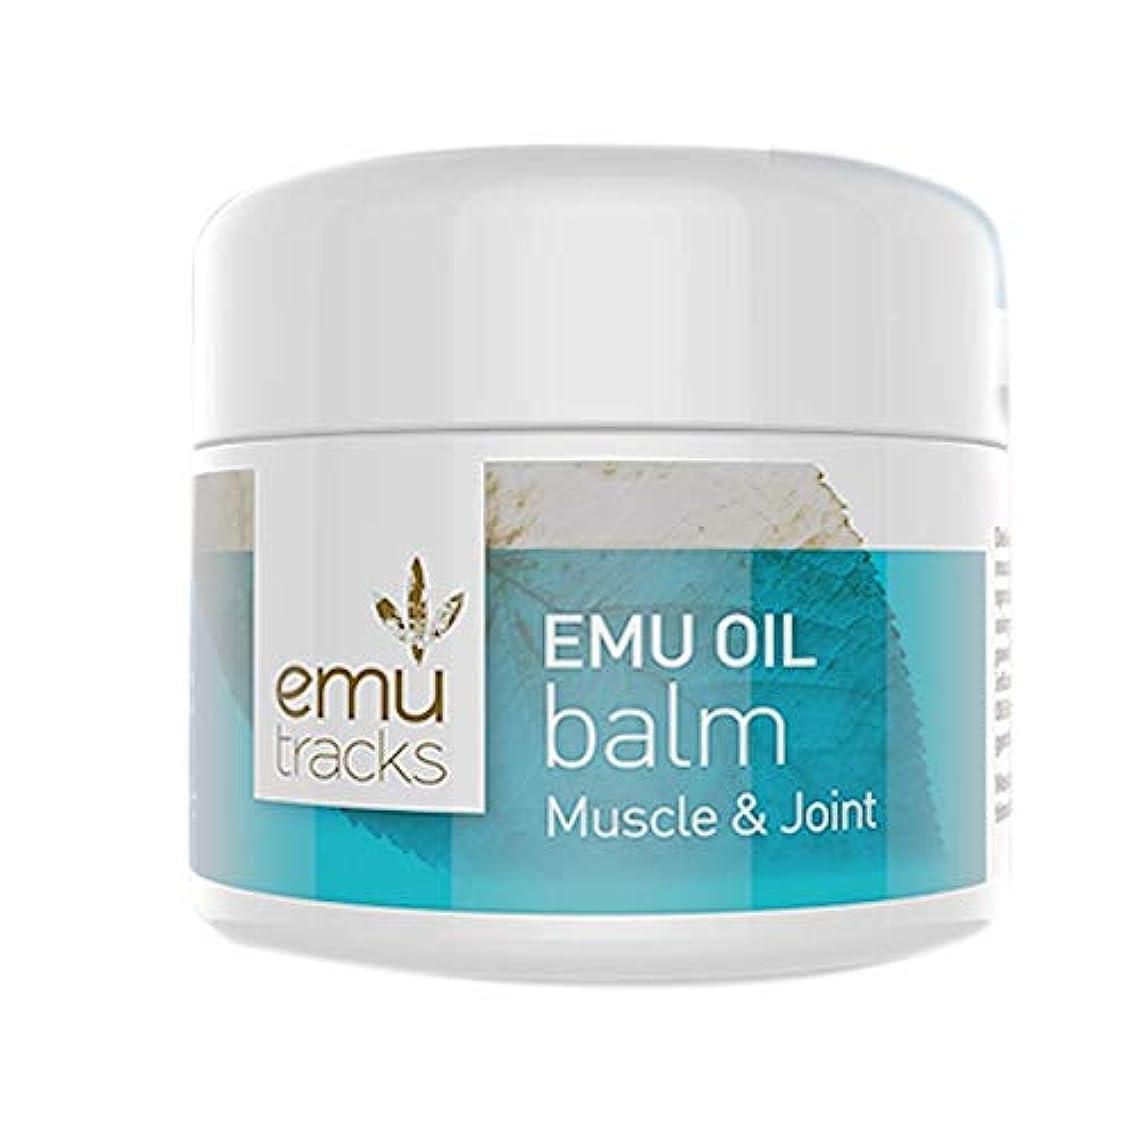 はねかける橋打撃[Emu Tracks] エミュー?オイル?バーム(Muscle & Joint)50g 【海外直送】